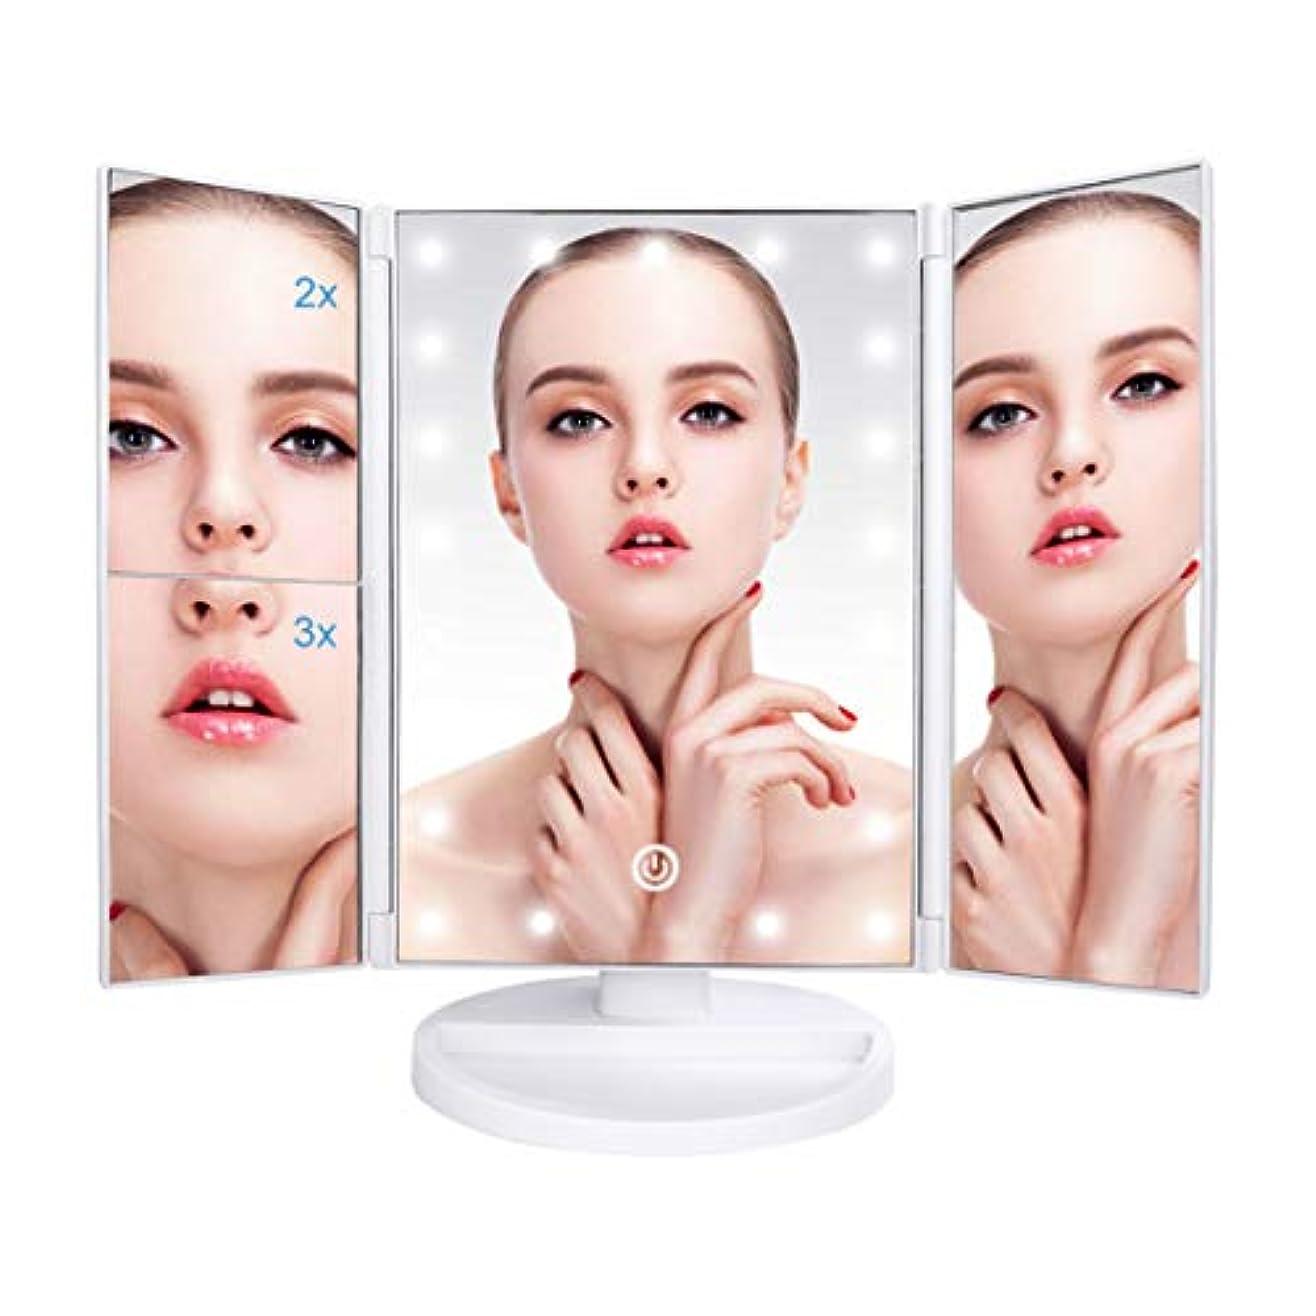 アクセス報復沈黙化粧鏡 LED 化粧ミラー 卓上 鏡 三面鏡 女優ミラー LED付き折りたたみ 拡大鏡 2倍 3倍 明るさ調節可能 180°回転可能 電池&USB 2WAY給電 21個LEDライト付きホワイト